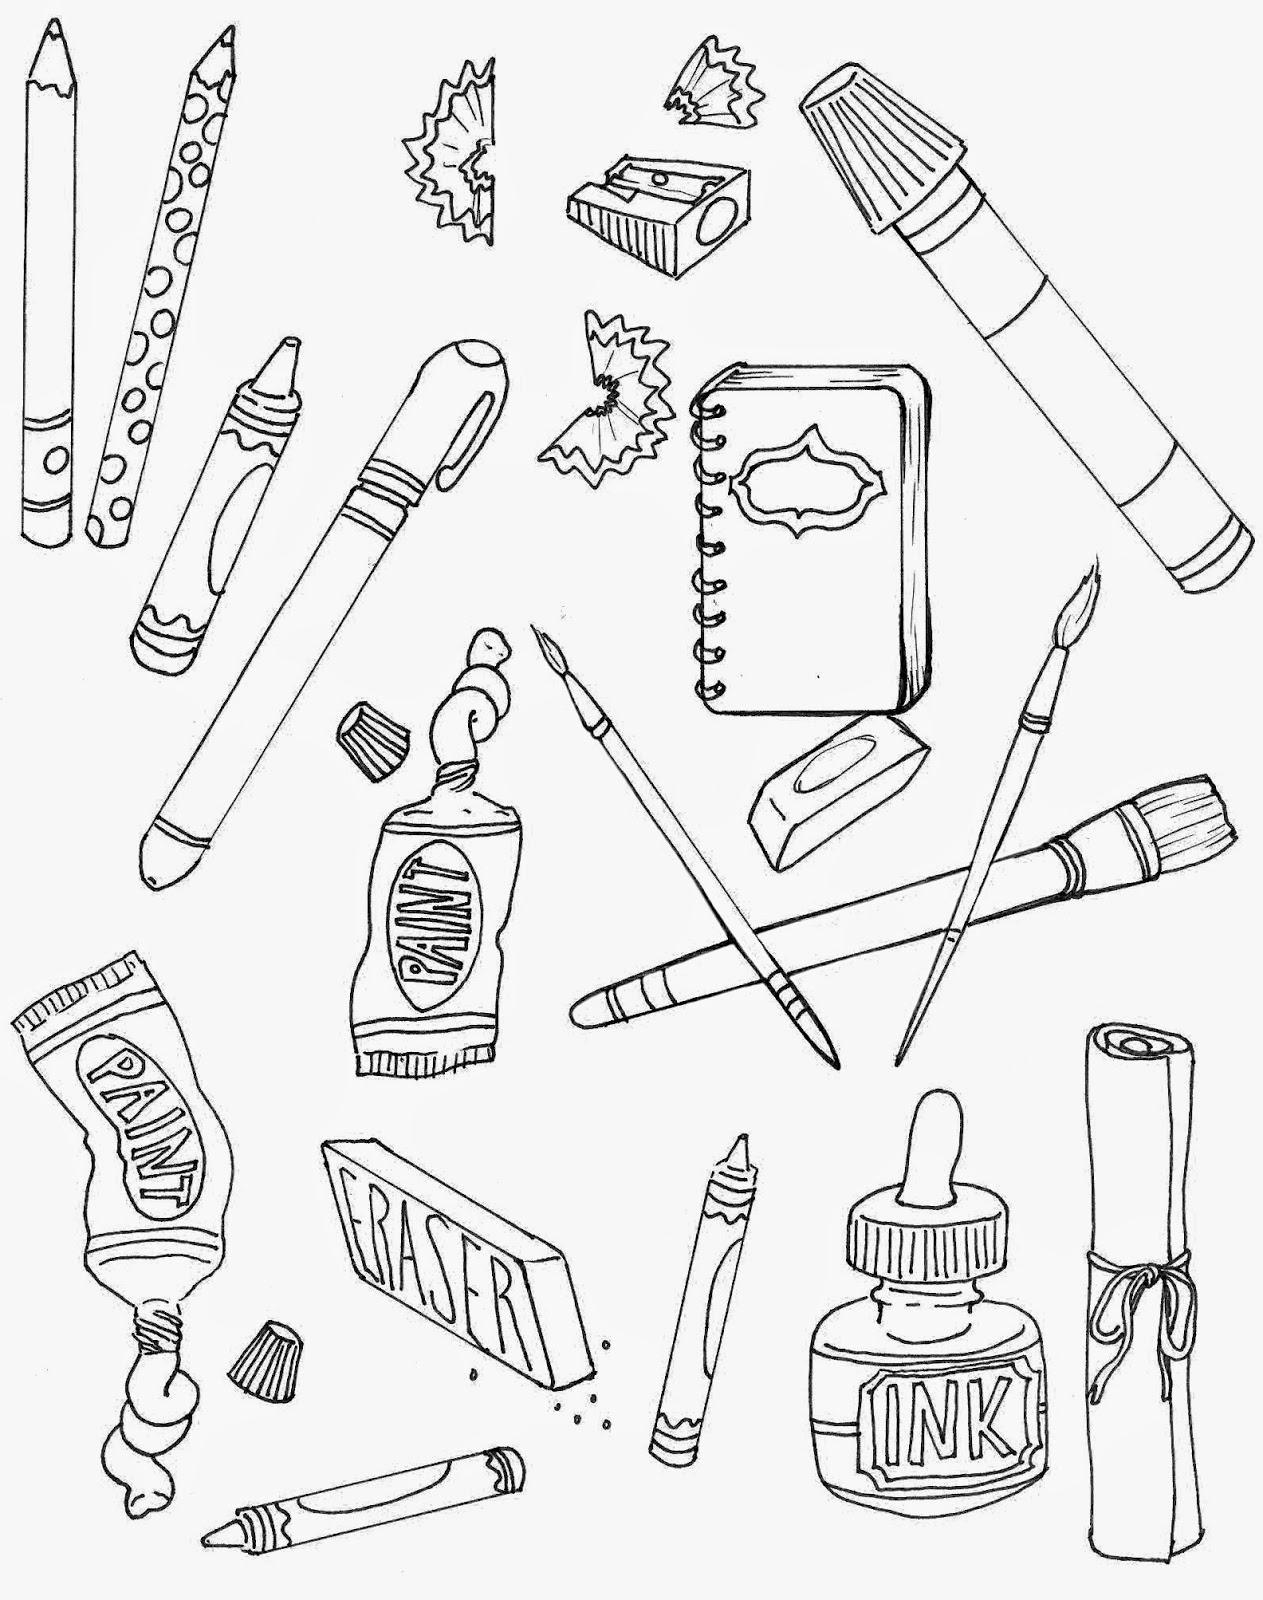 The Spinsterhood Diaries Sunday Fun Art Supplies